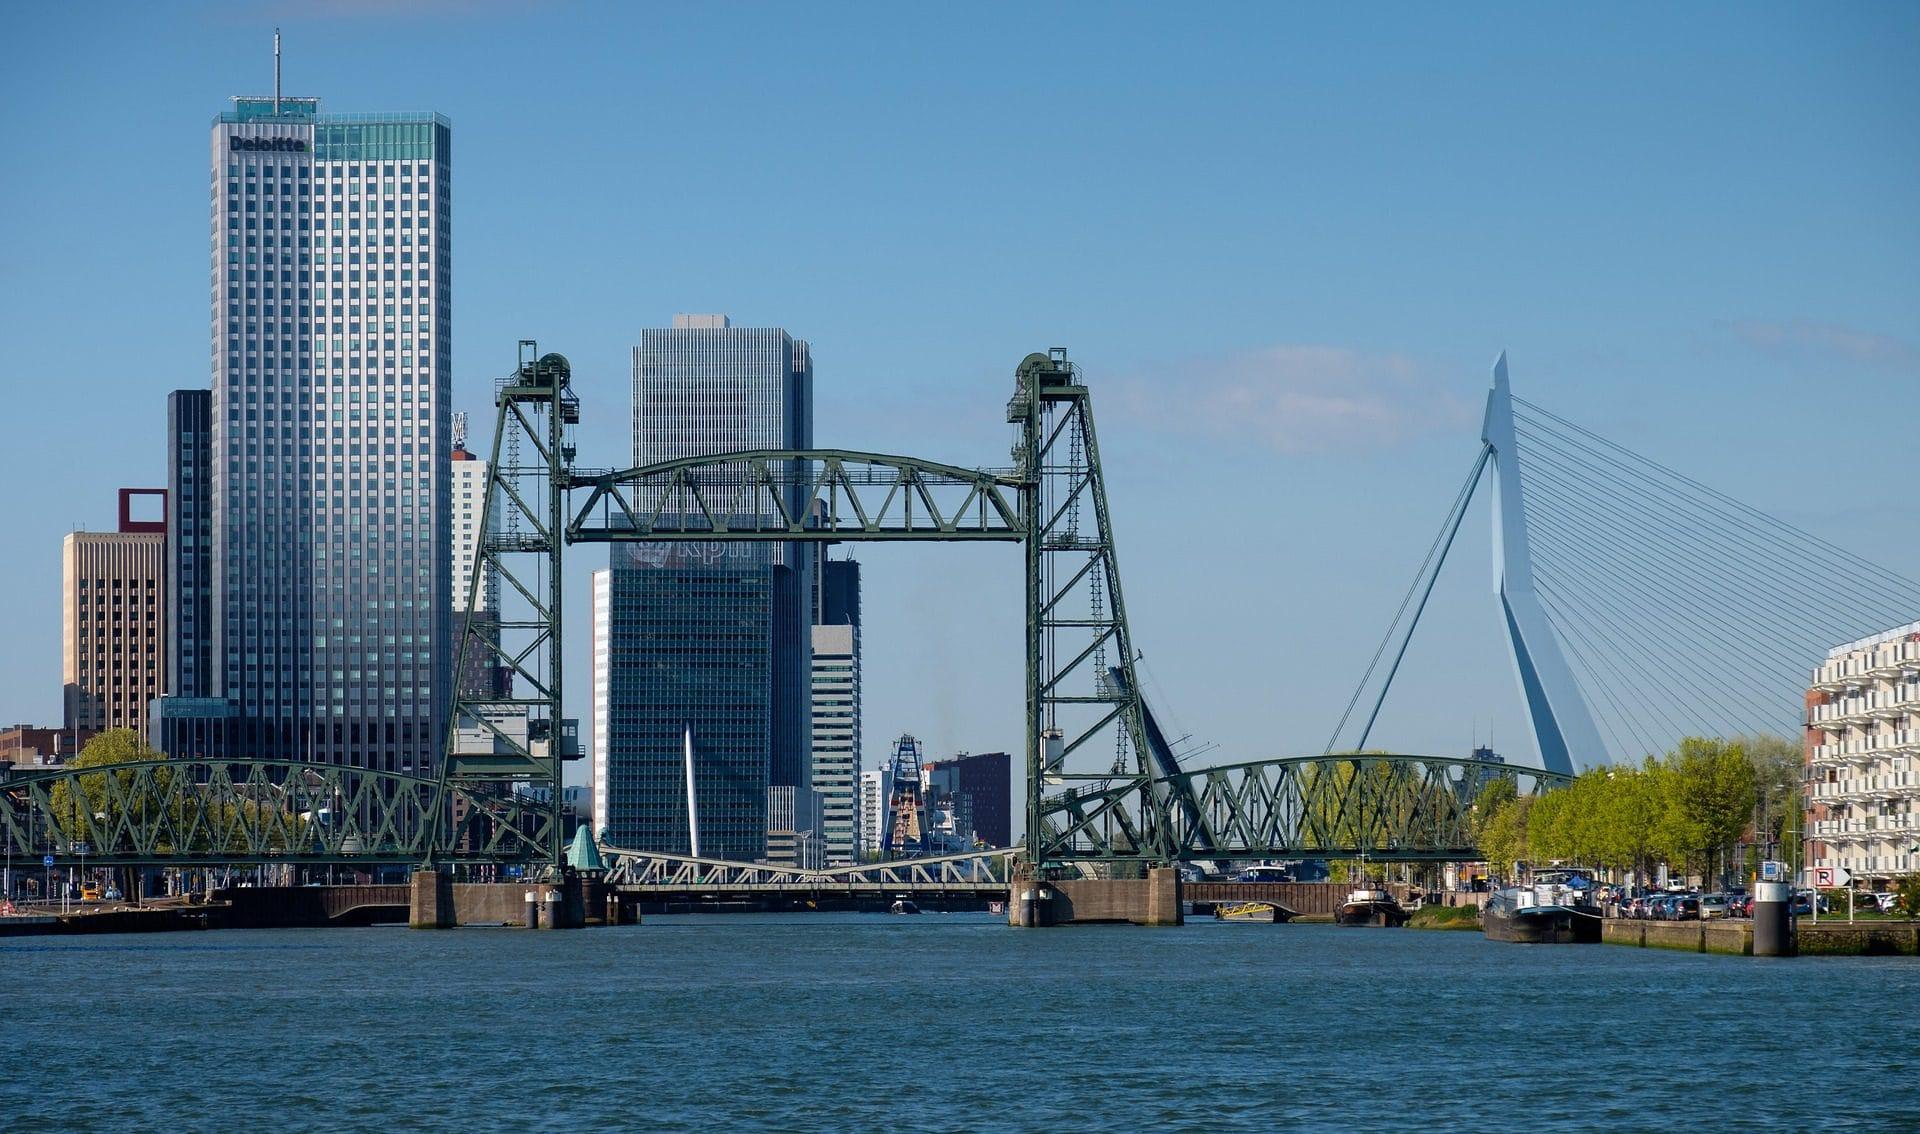 rotterdam 4152386 1920 - Wat te doen in Rotterdam: 32 leukste tips voor een dagje uit! (+ shoppen & hotels)